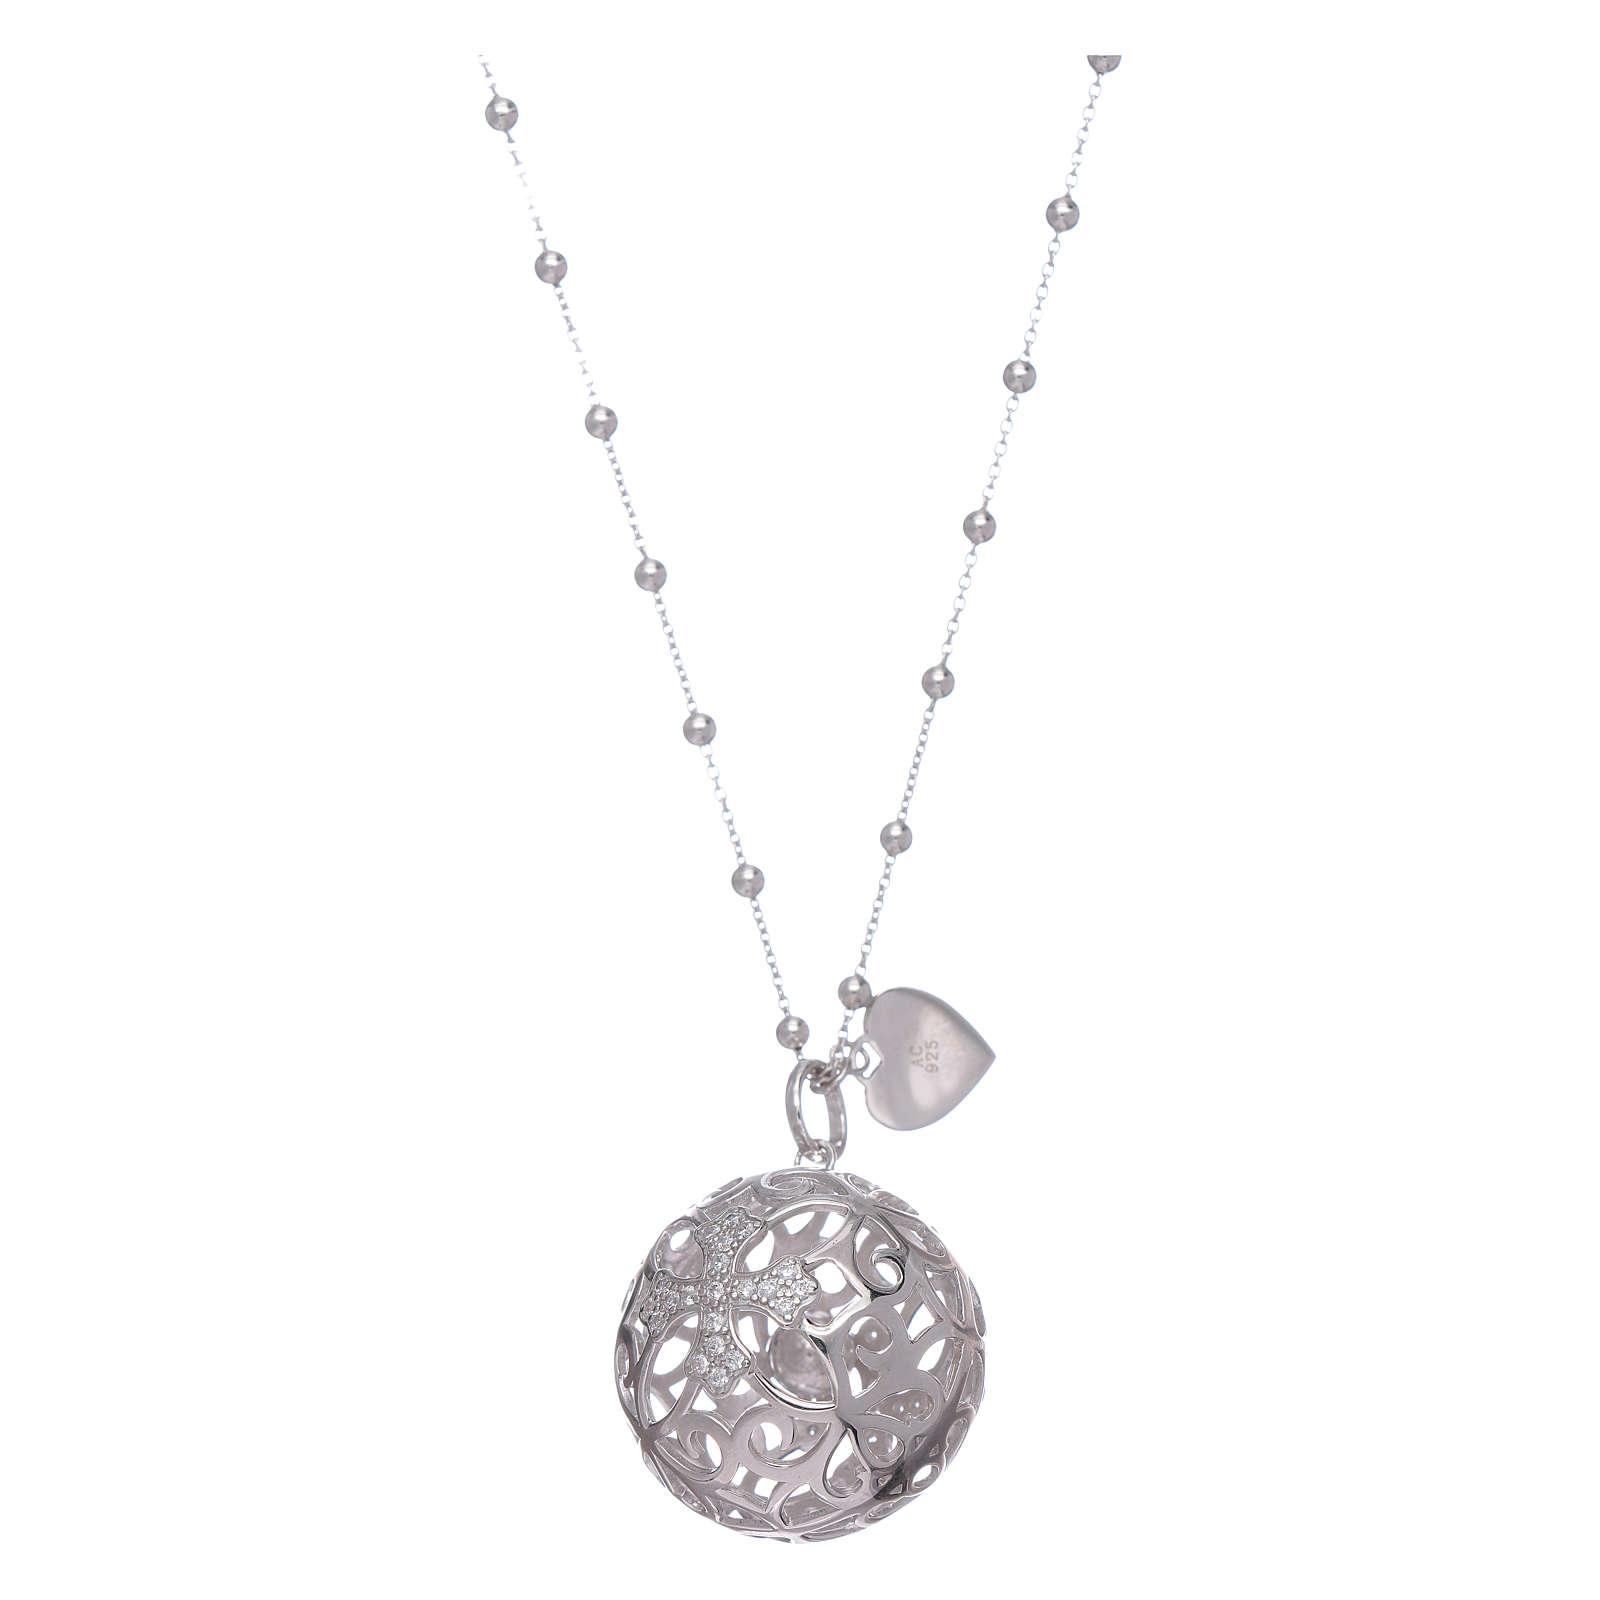 a basso prezzo 8c1fc 9370a Collana AMEN chiama angeli argento 925 croce e zirconi